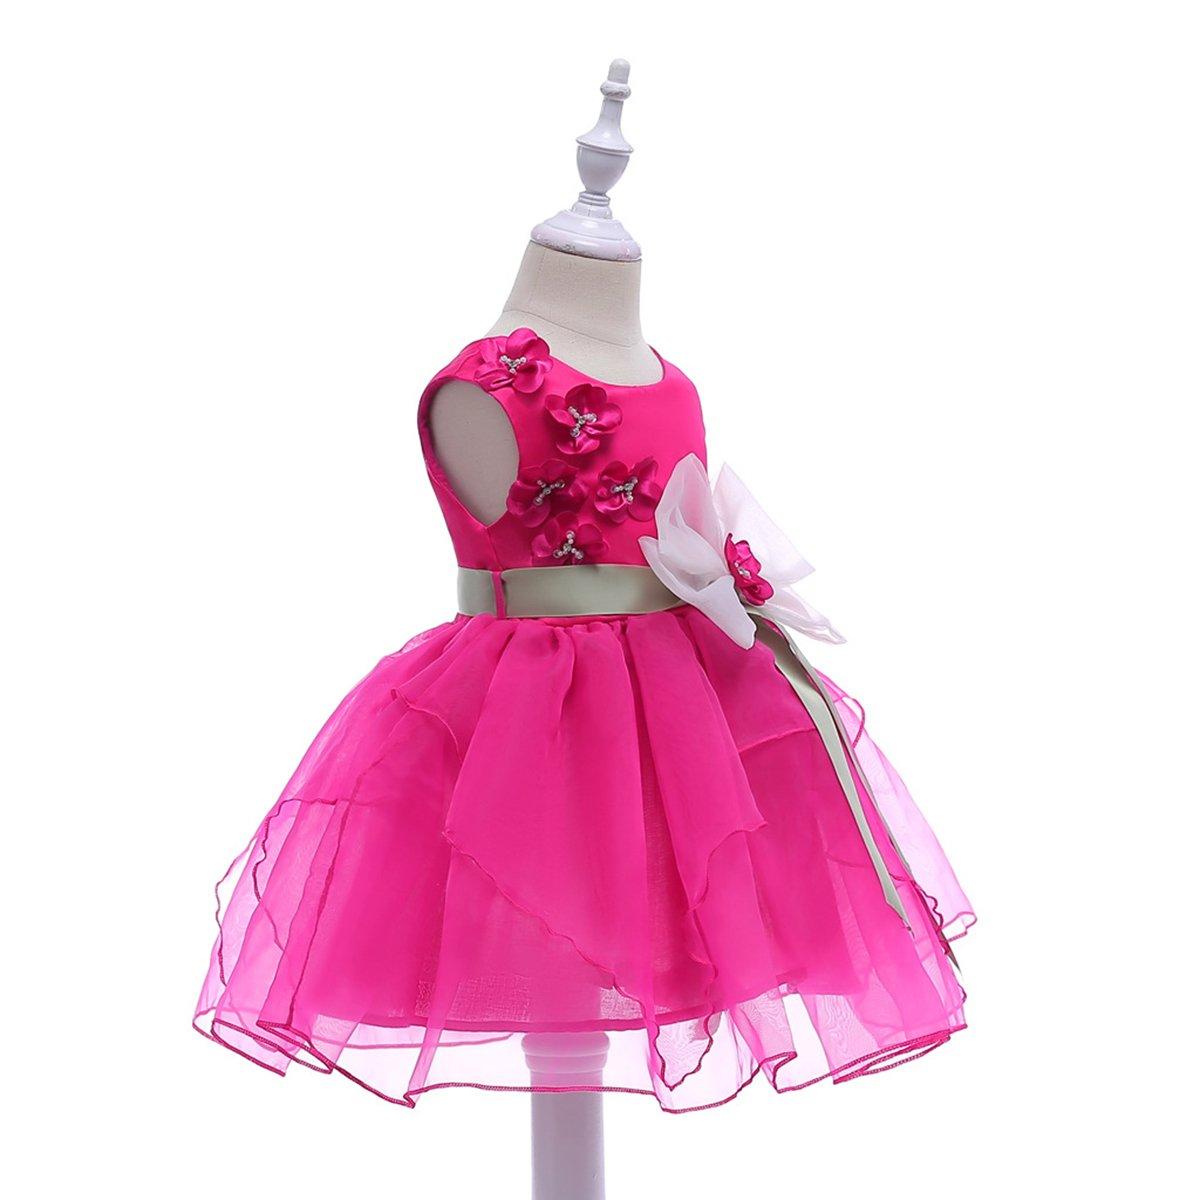 ADHS Niñas ocasión 19031 especial vestidos de de boda vestido de ...